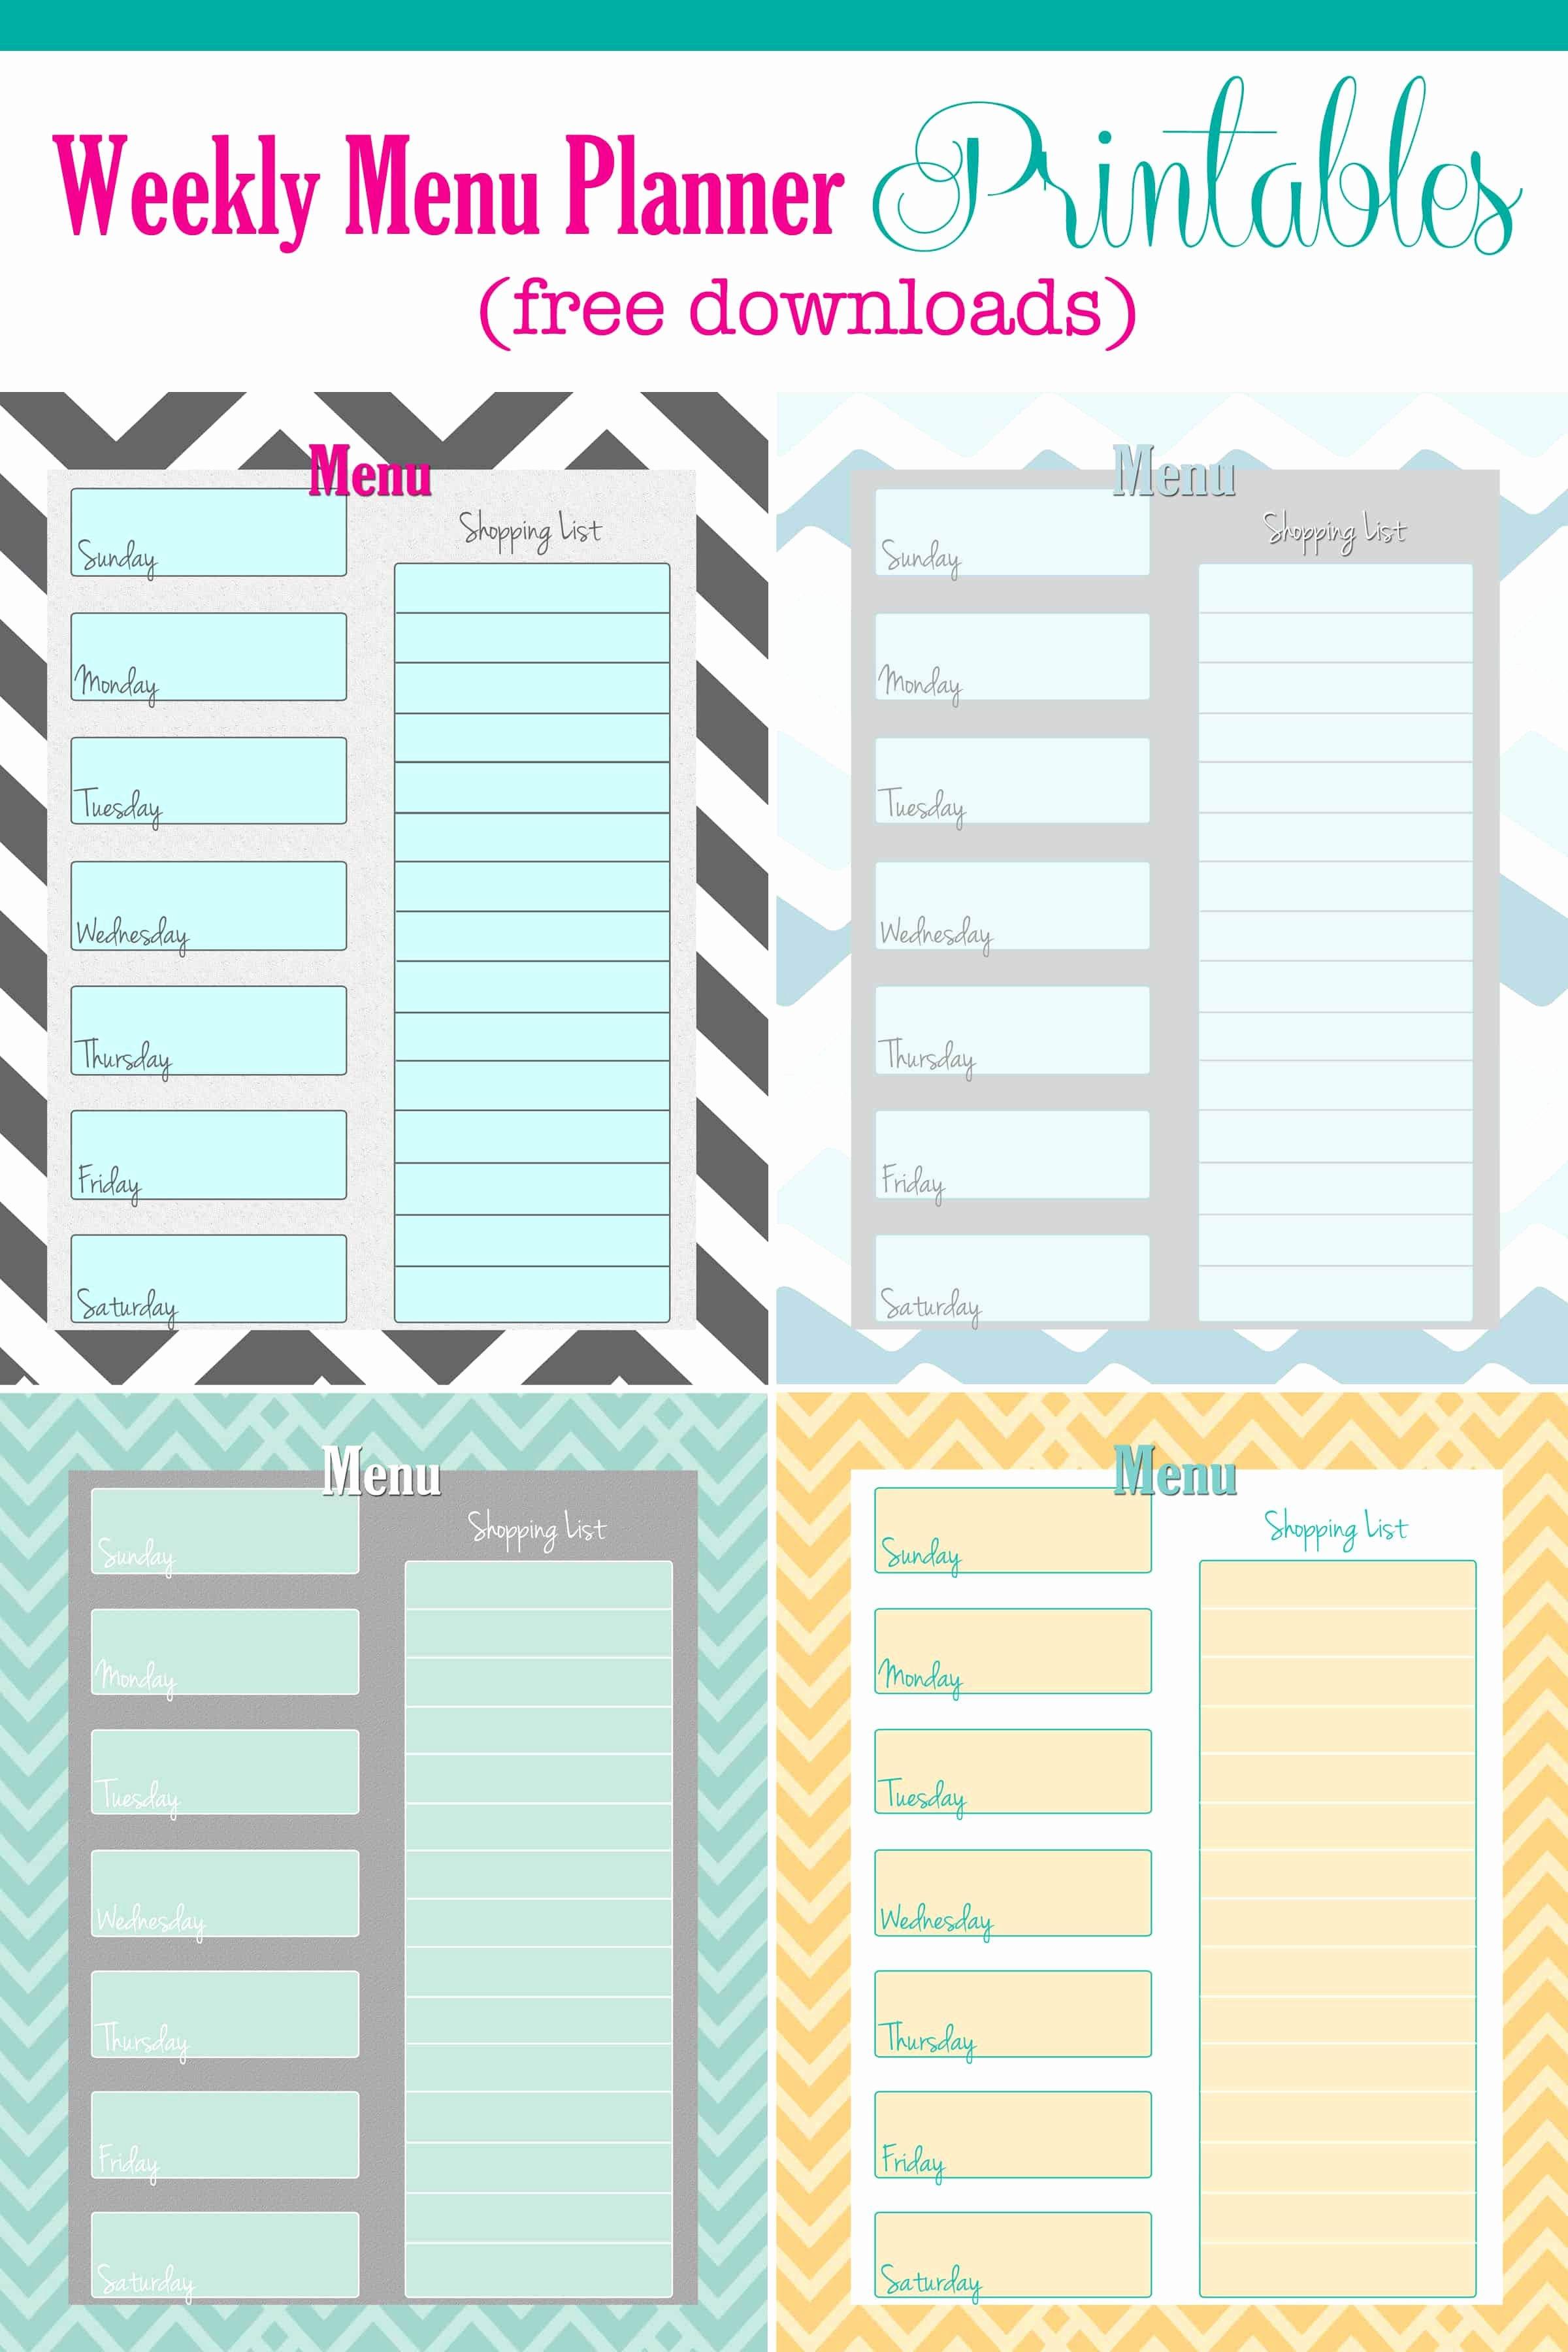 Free Weekly Menu Planner Printable 4 Colors Cupcake